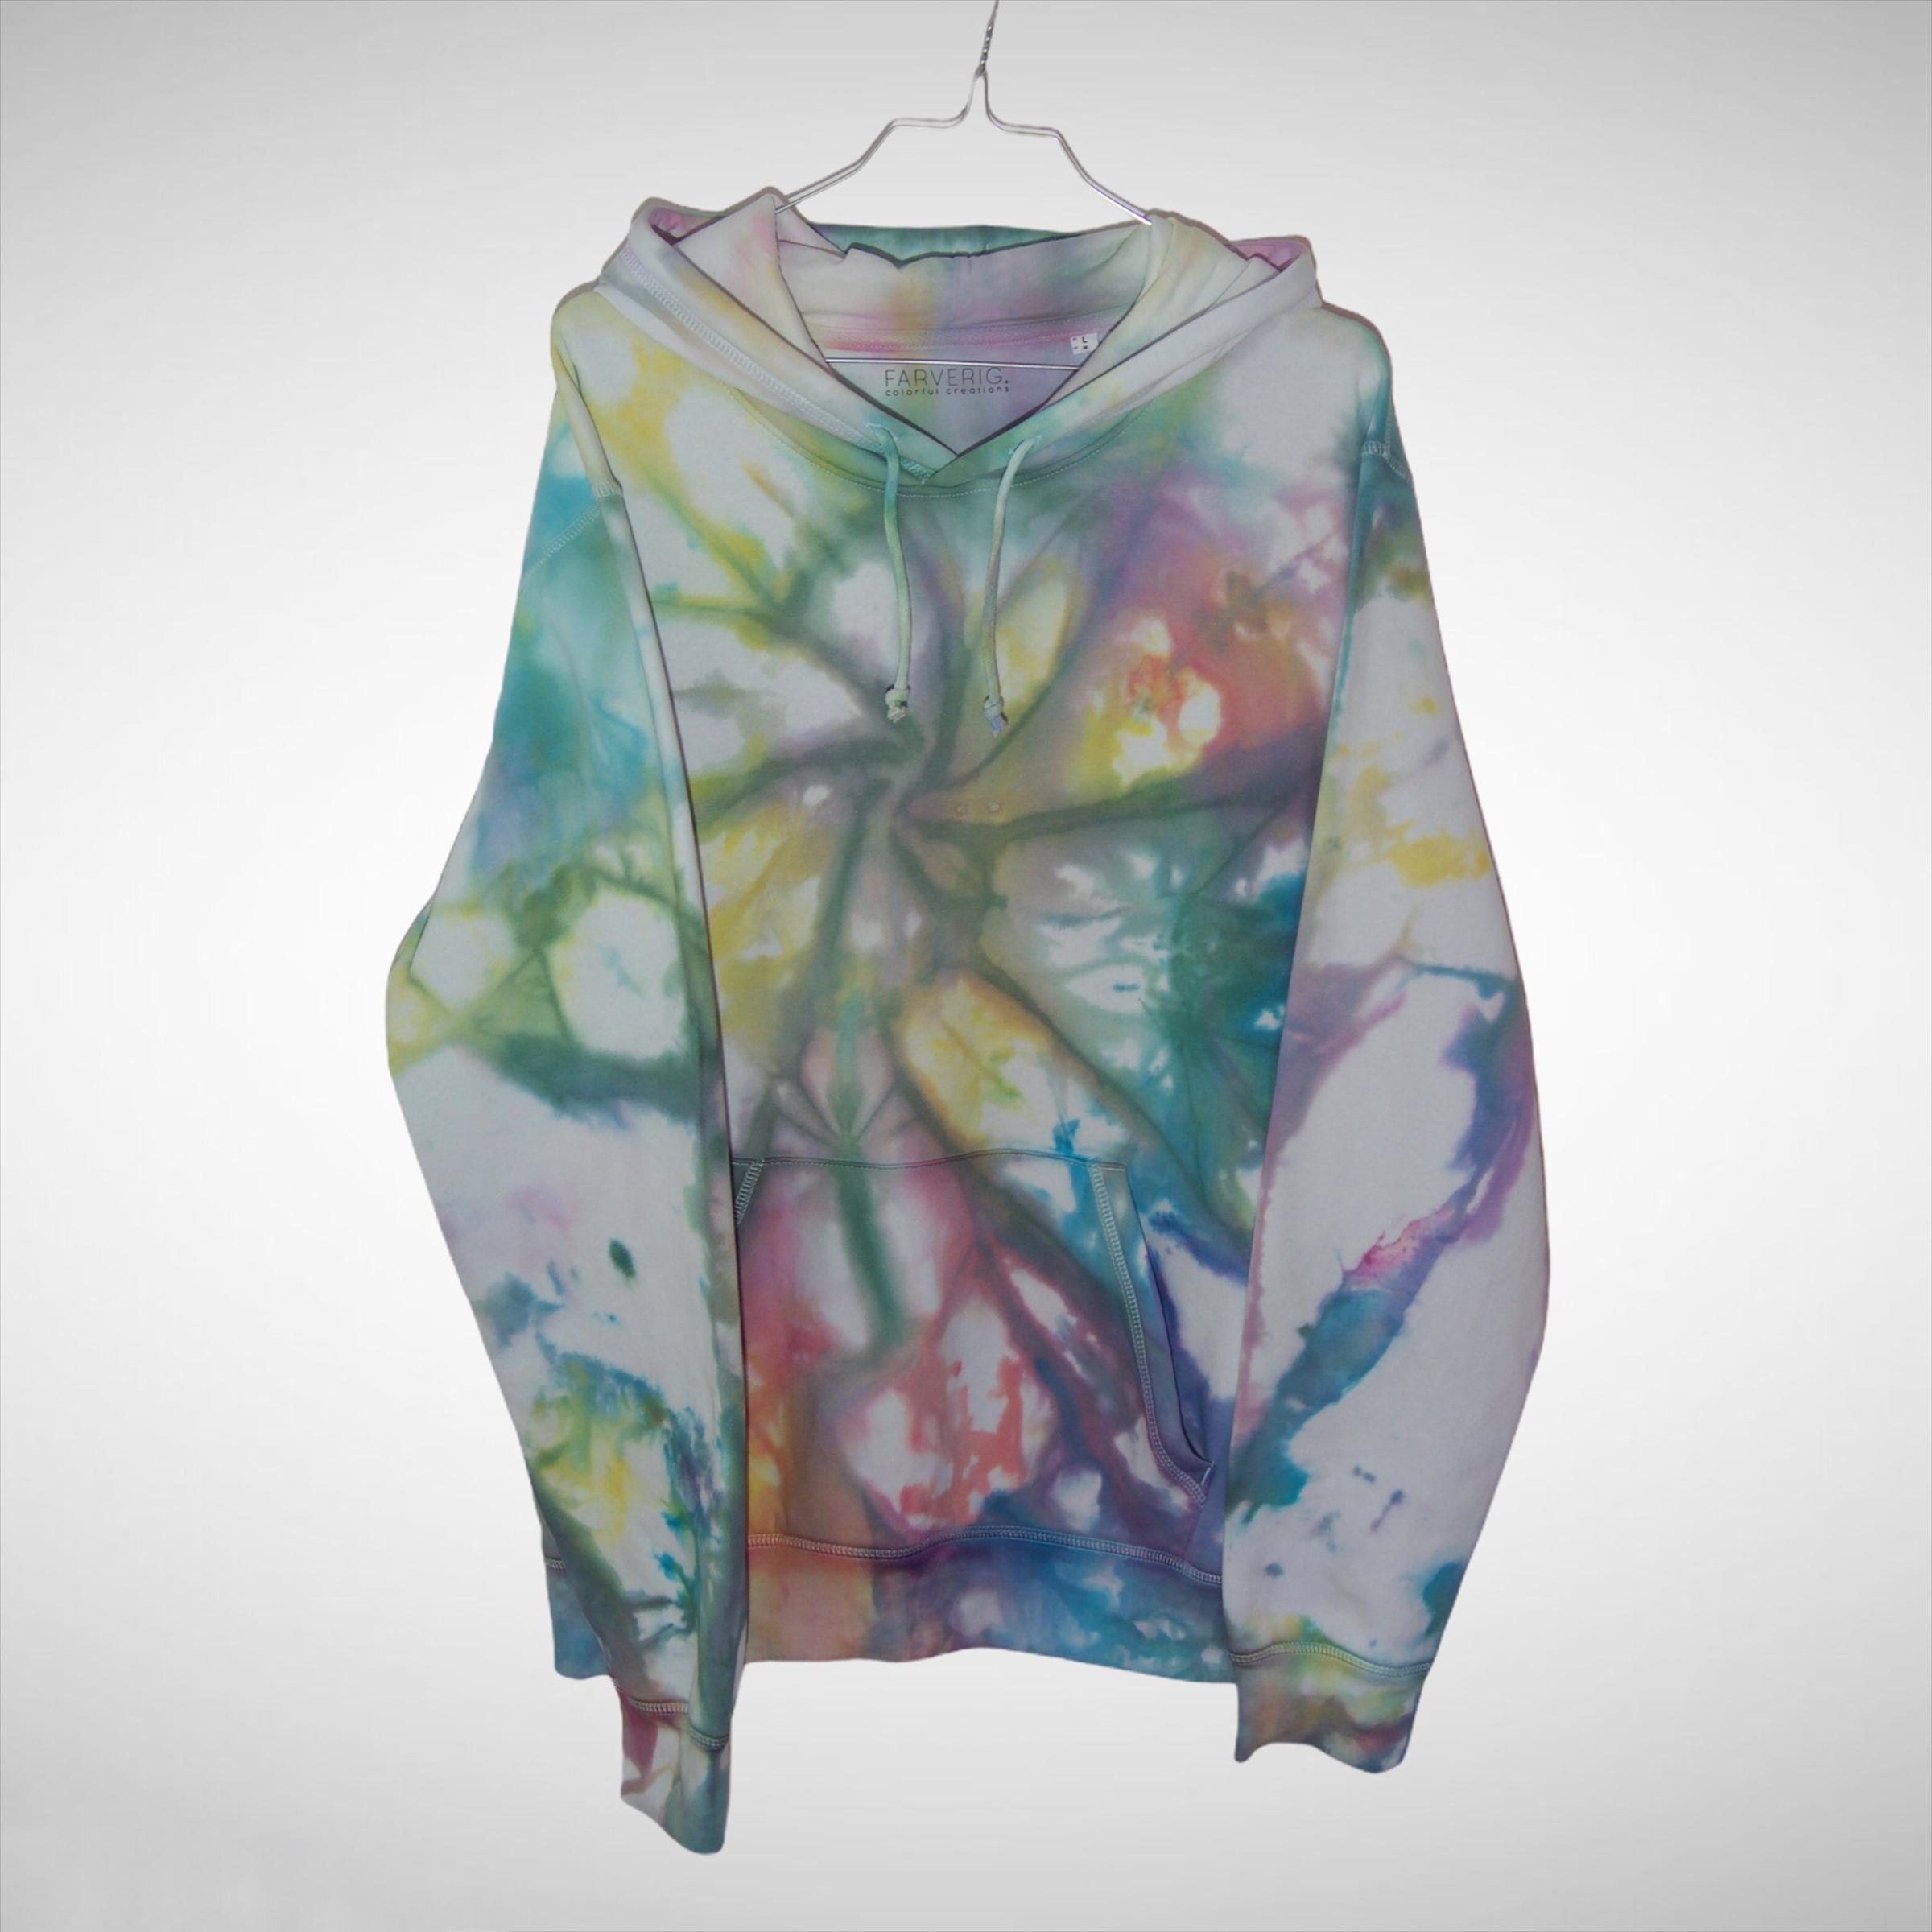 Batik / Tie-Dye Hoodie Pool Rainbow – Organic, Handmade